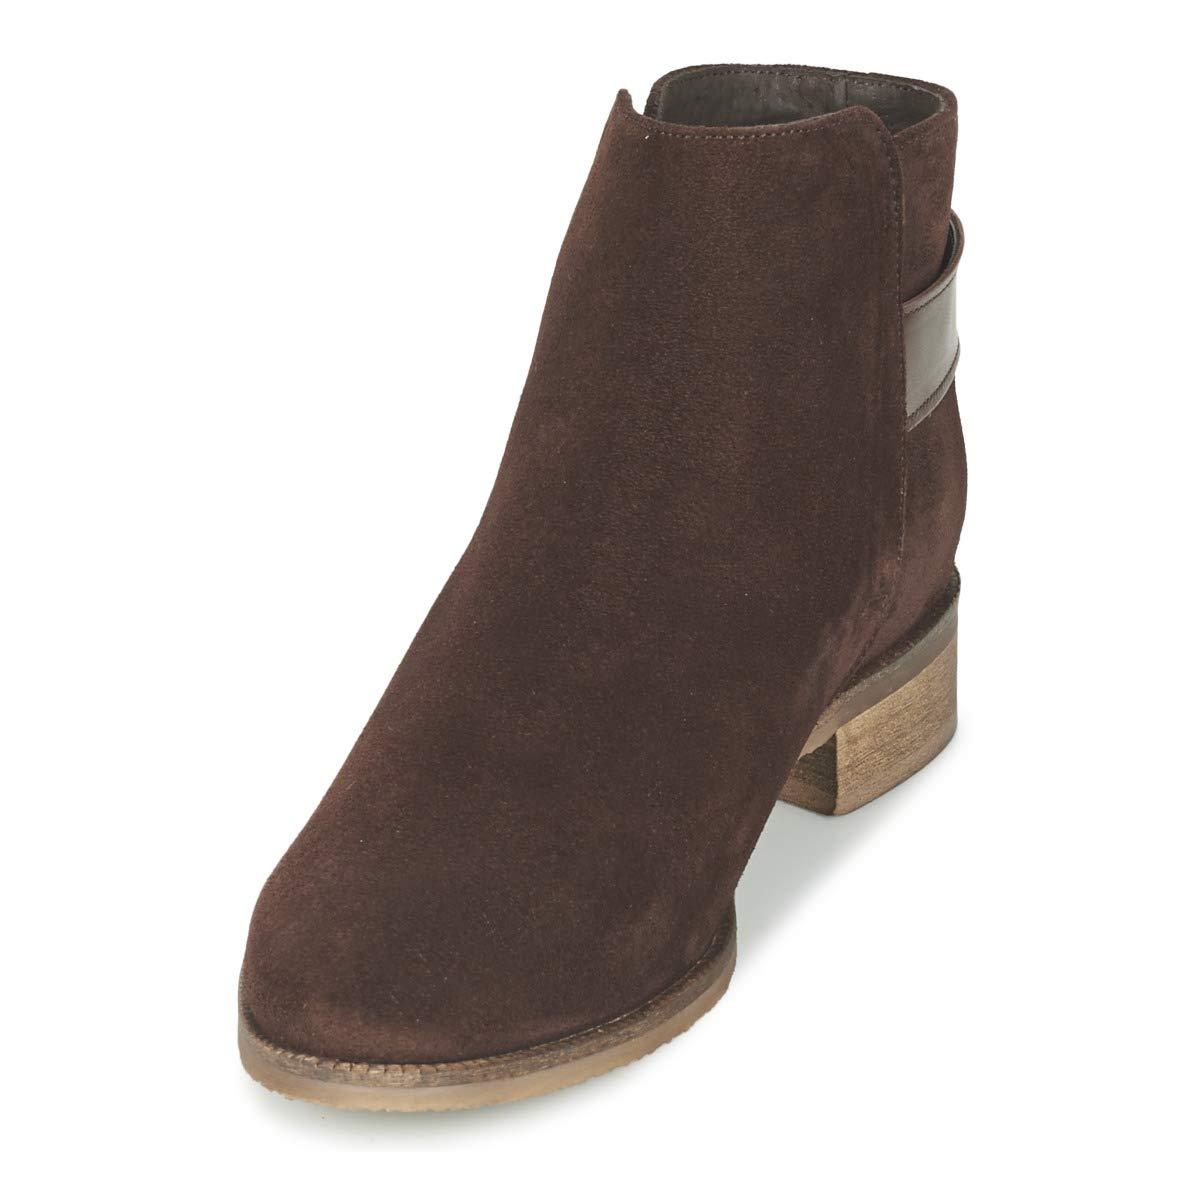 Betty London Damen FIAZANE Stiefelletten Stiefel Damen London Braun Stiefel 9cd520